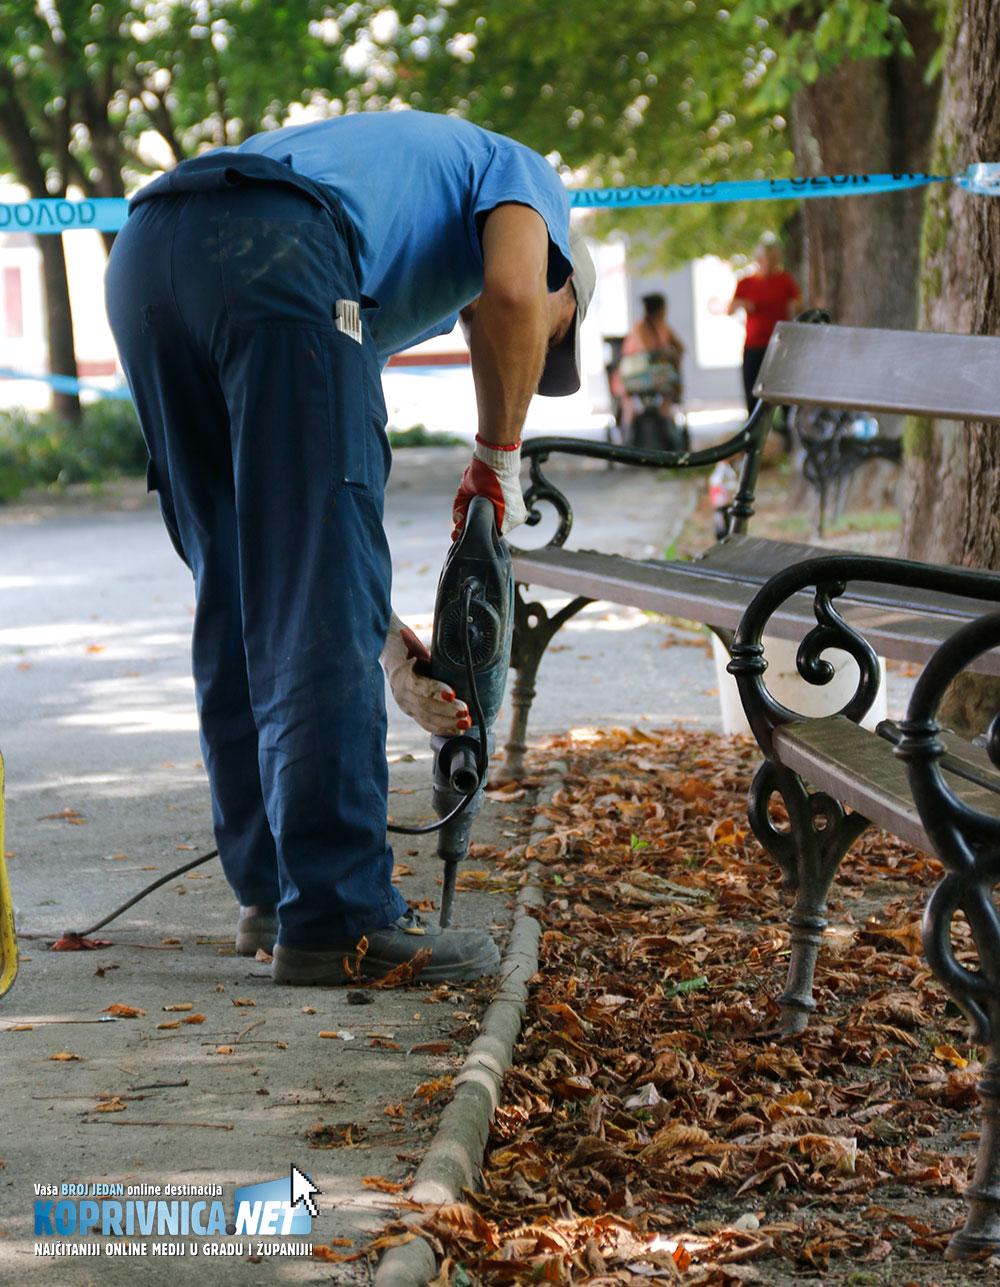 Radovi na stazama uz park bit će dovršeni kroz desetak dana // Foto: Mario Kos